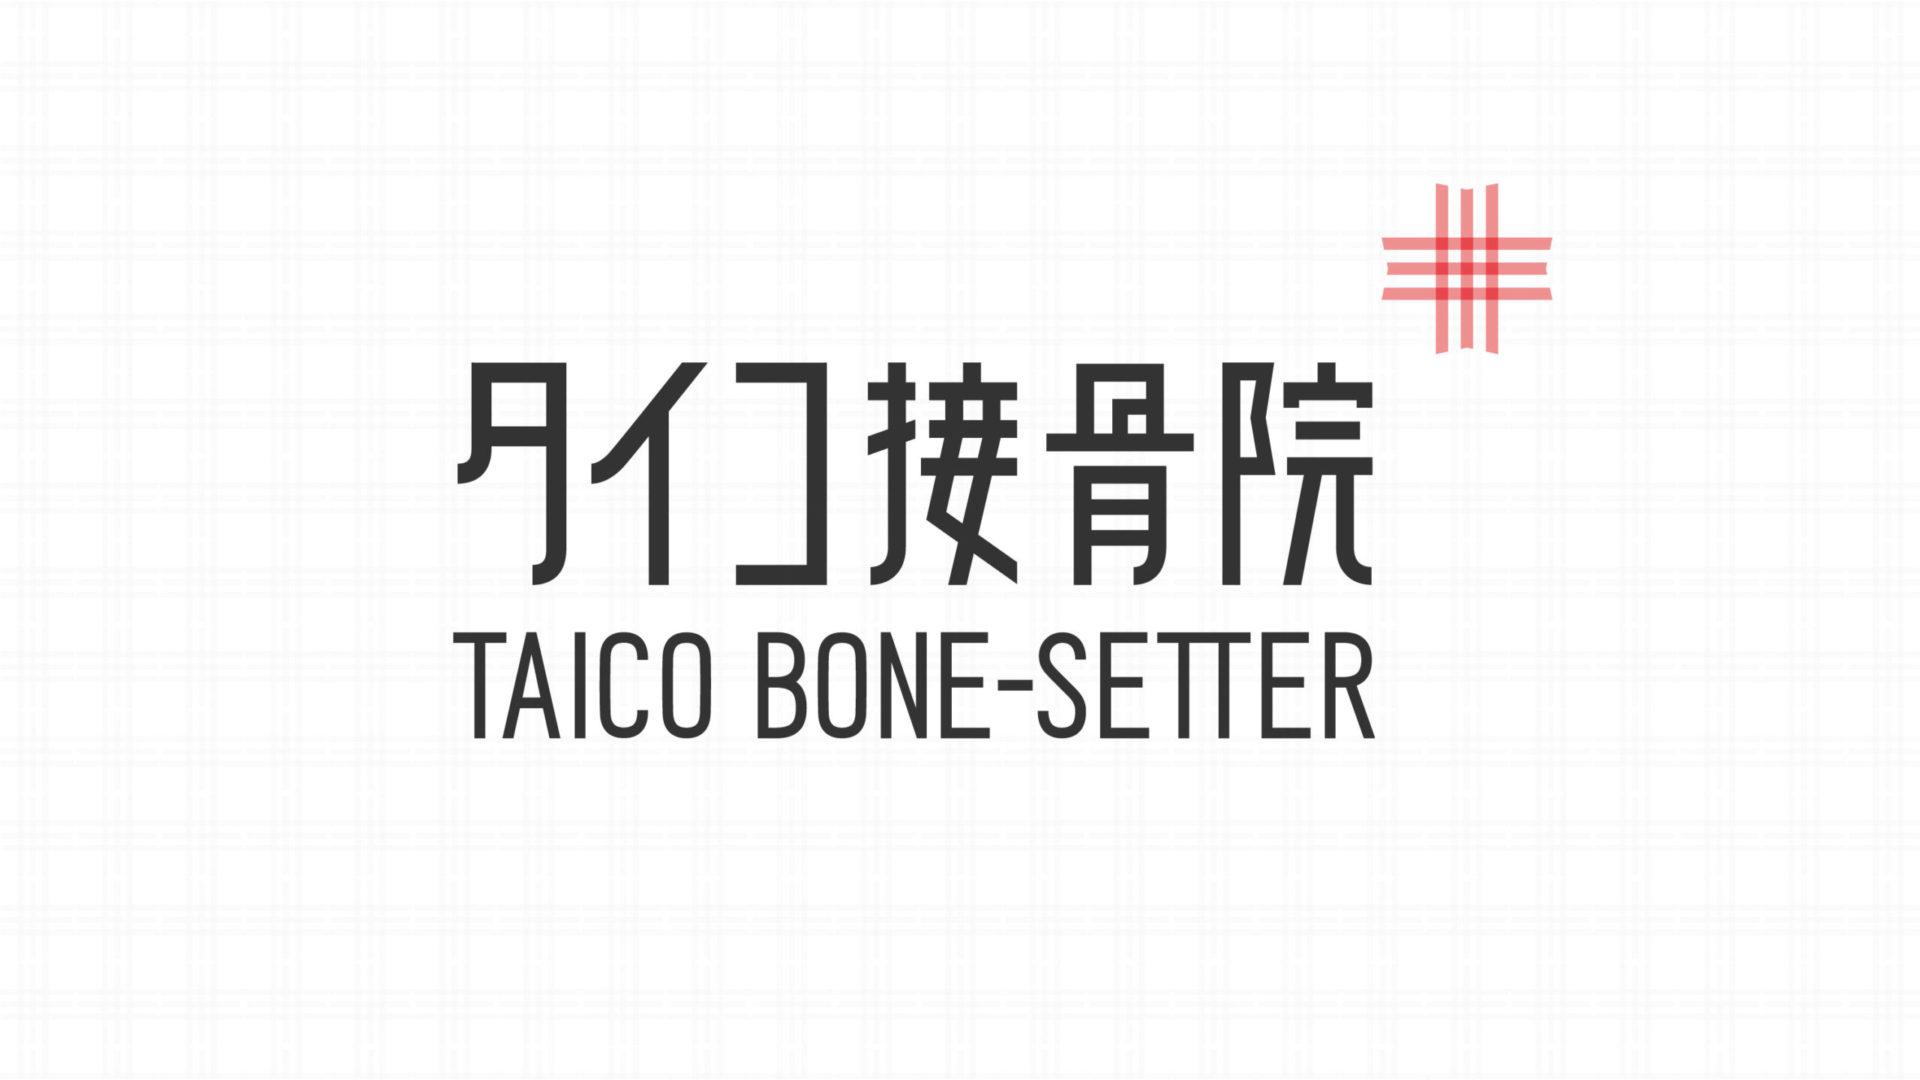 タイコ接骨院 ロゴデザイン